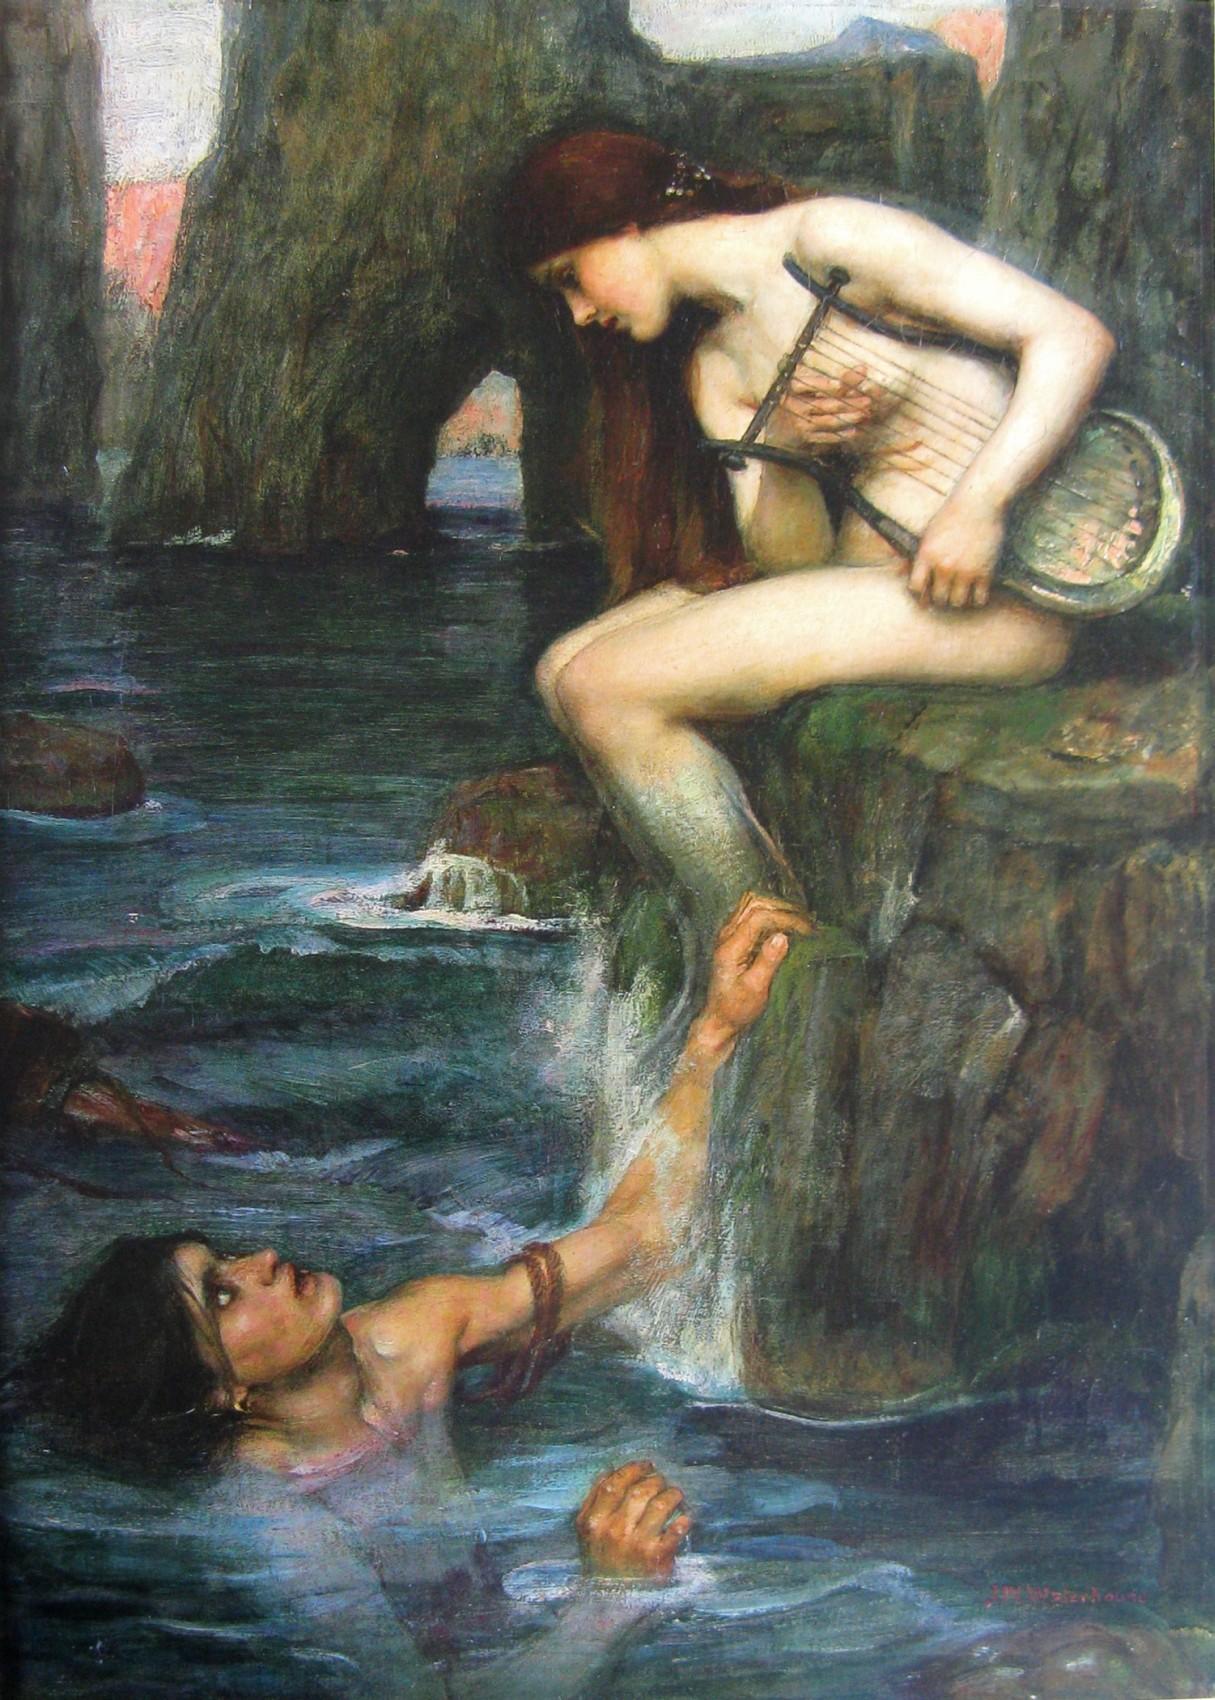 Sirene, Waterhouse, 1900